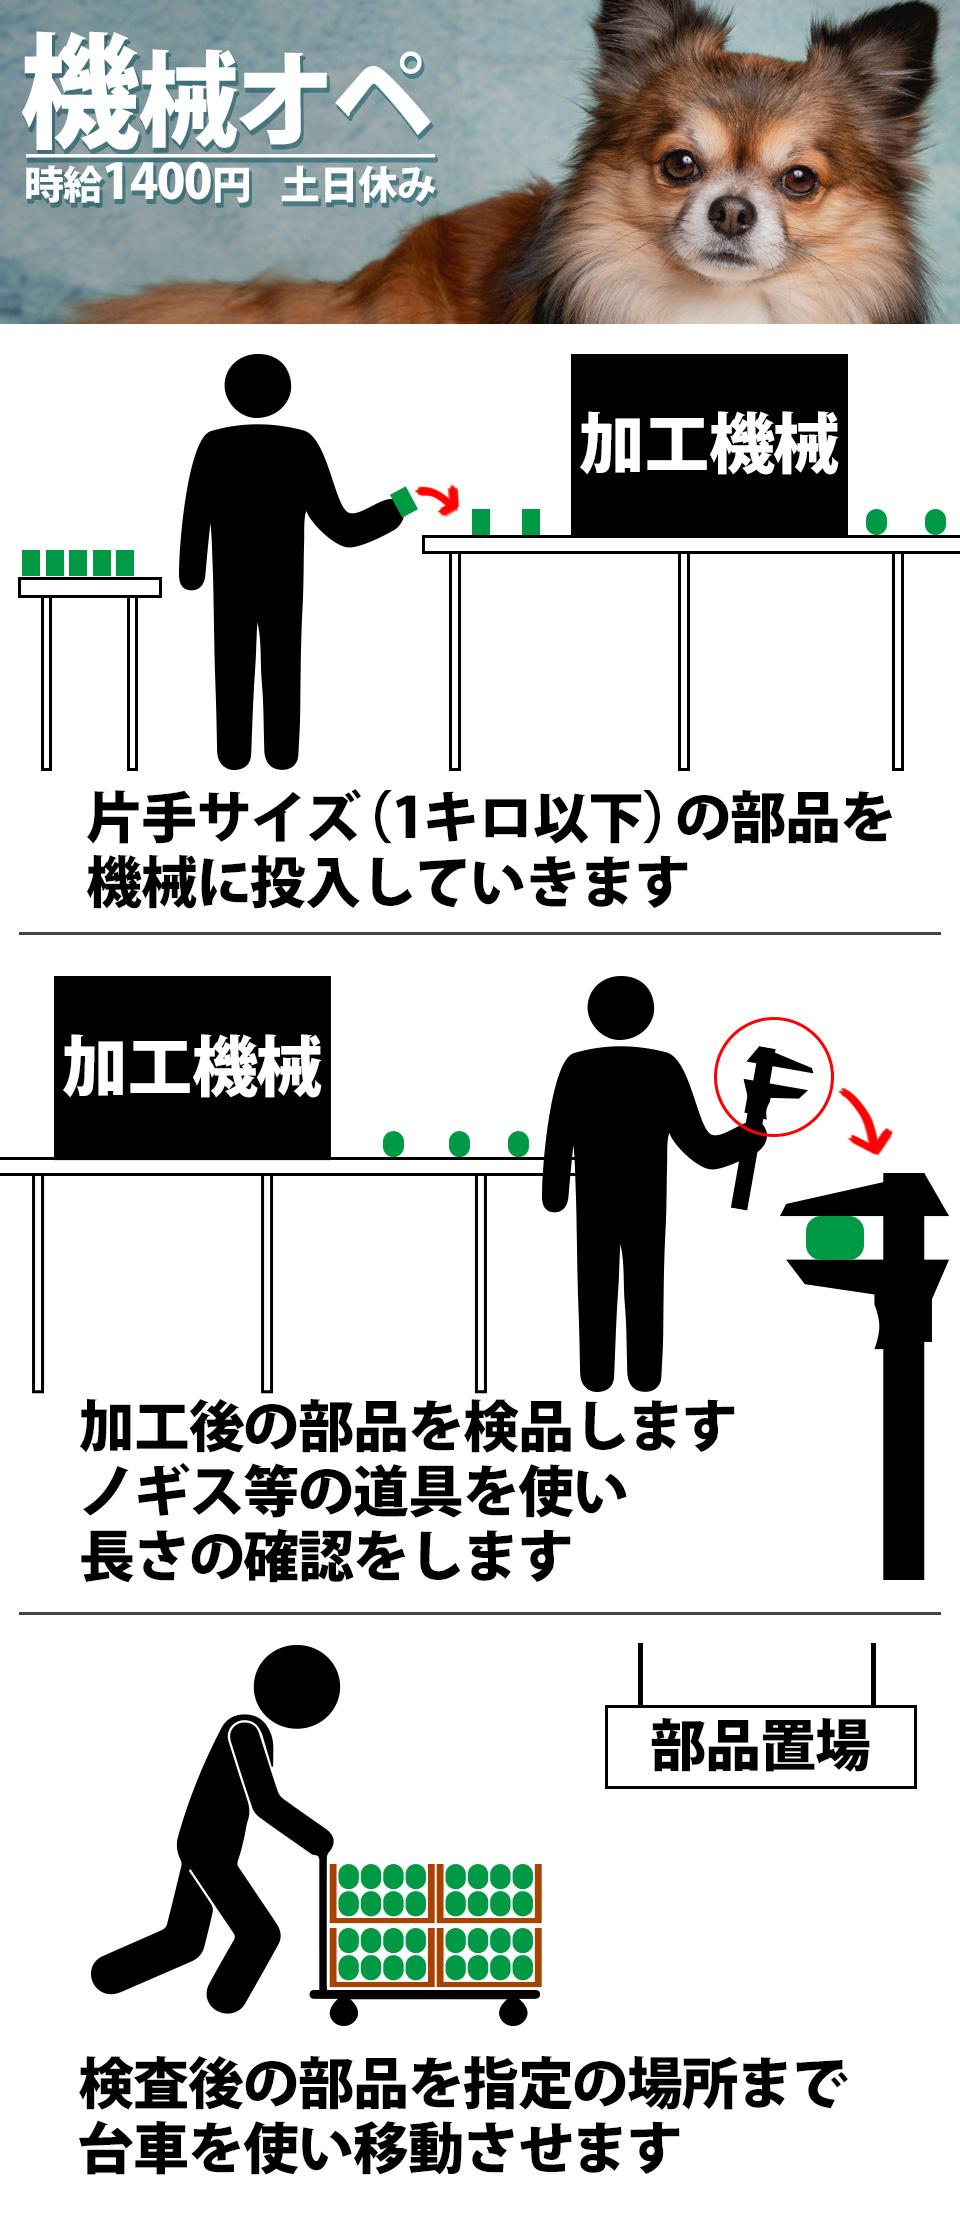 機械オペレーター 愛知県豊川市の派遣社員求人